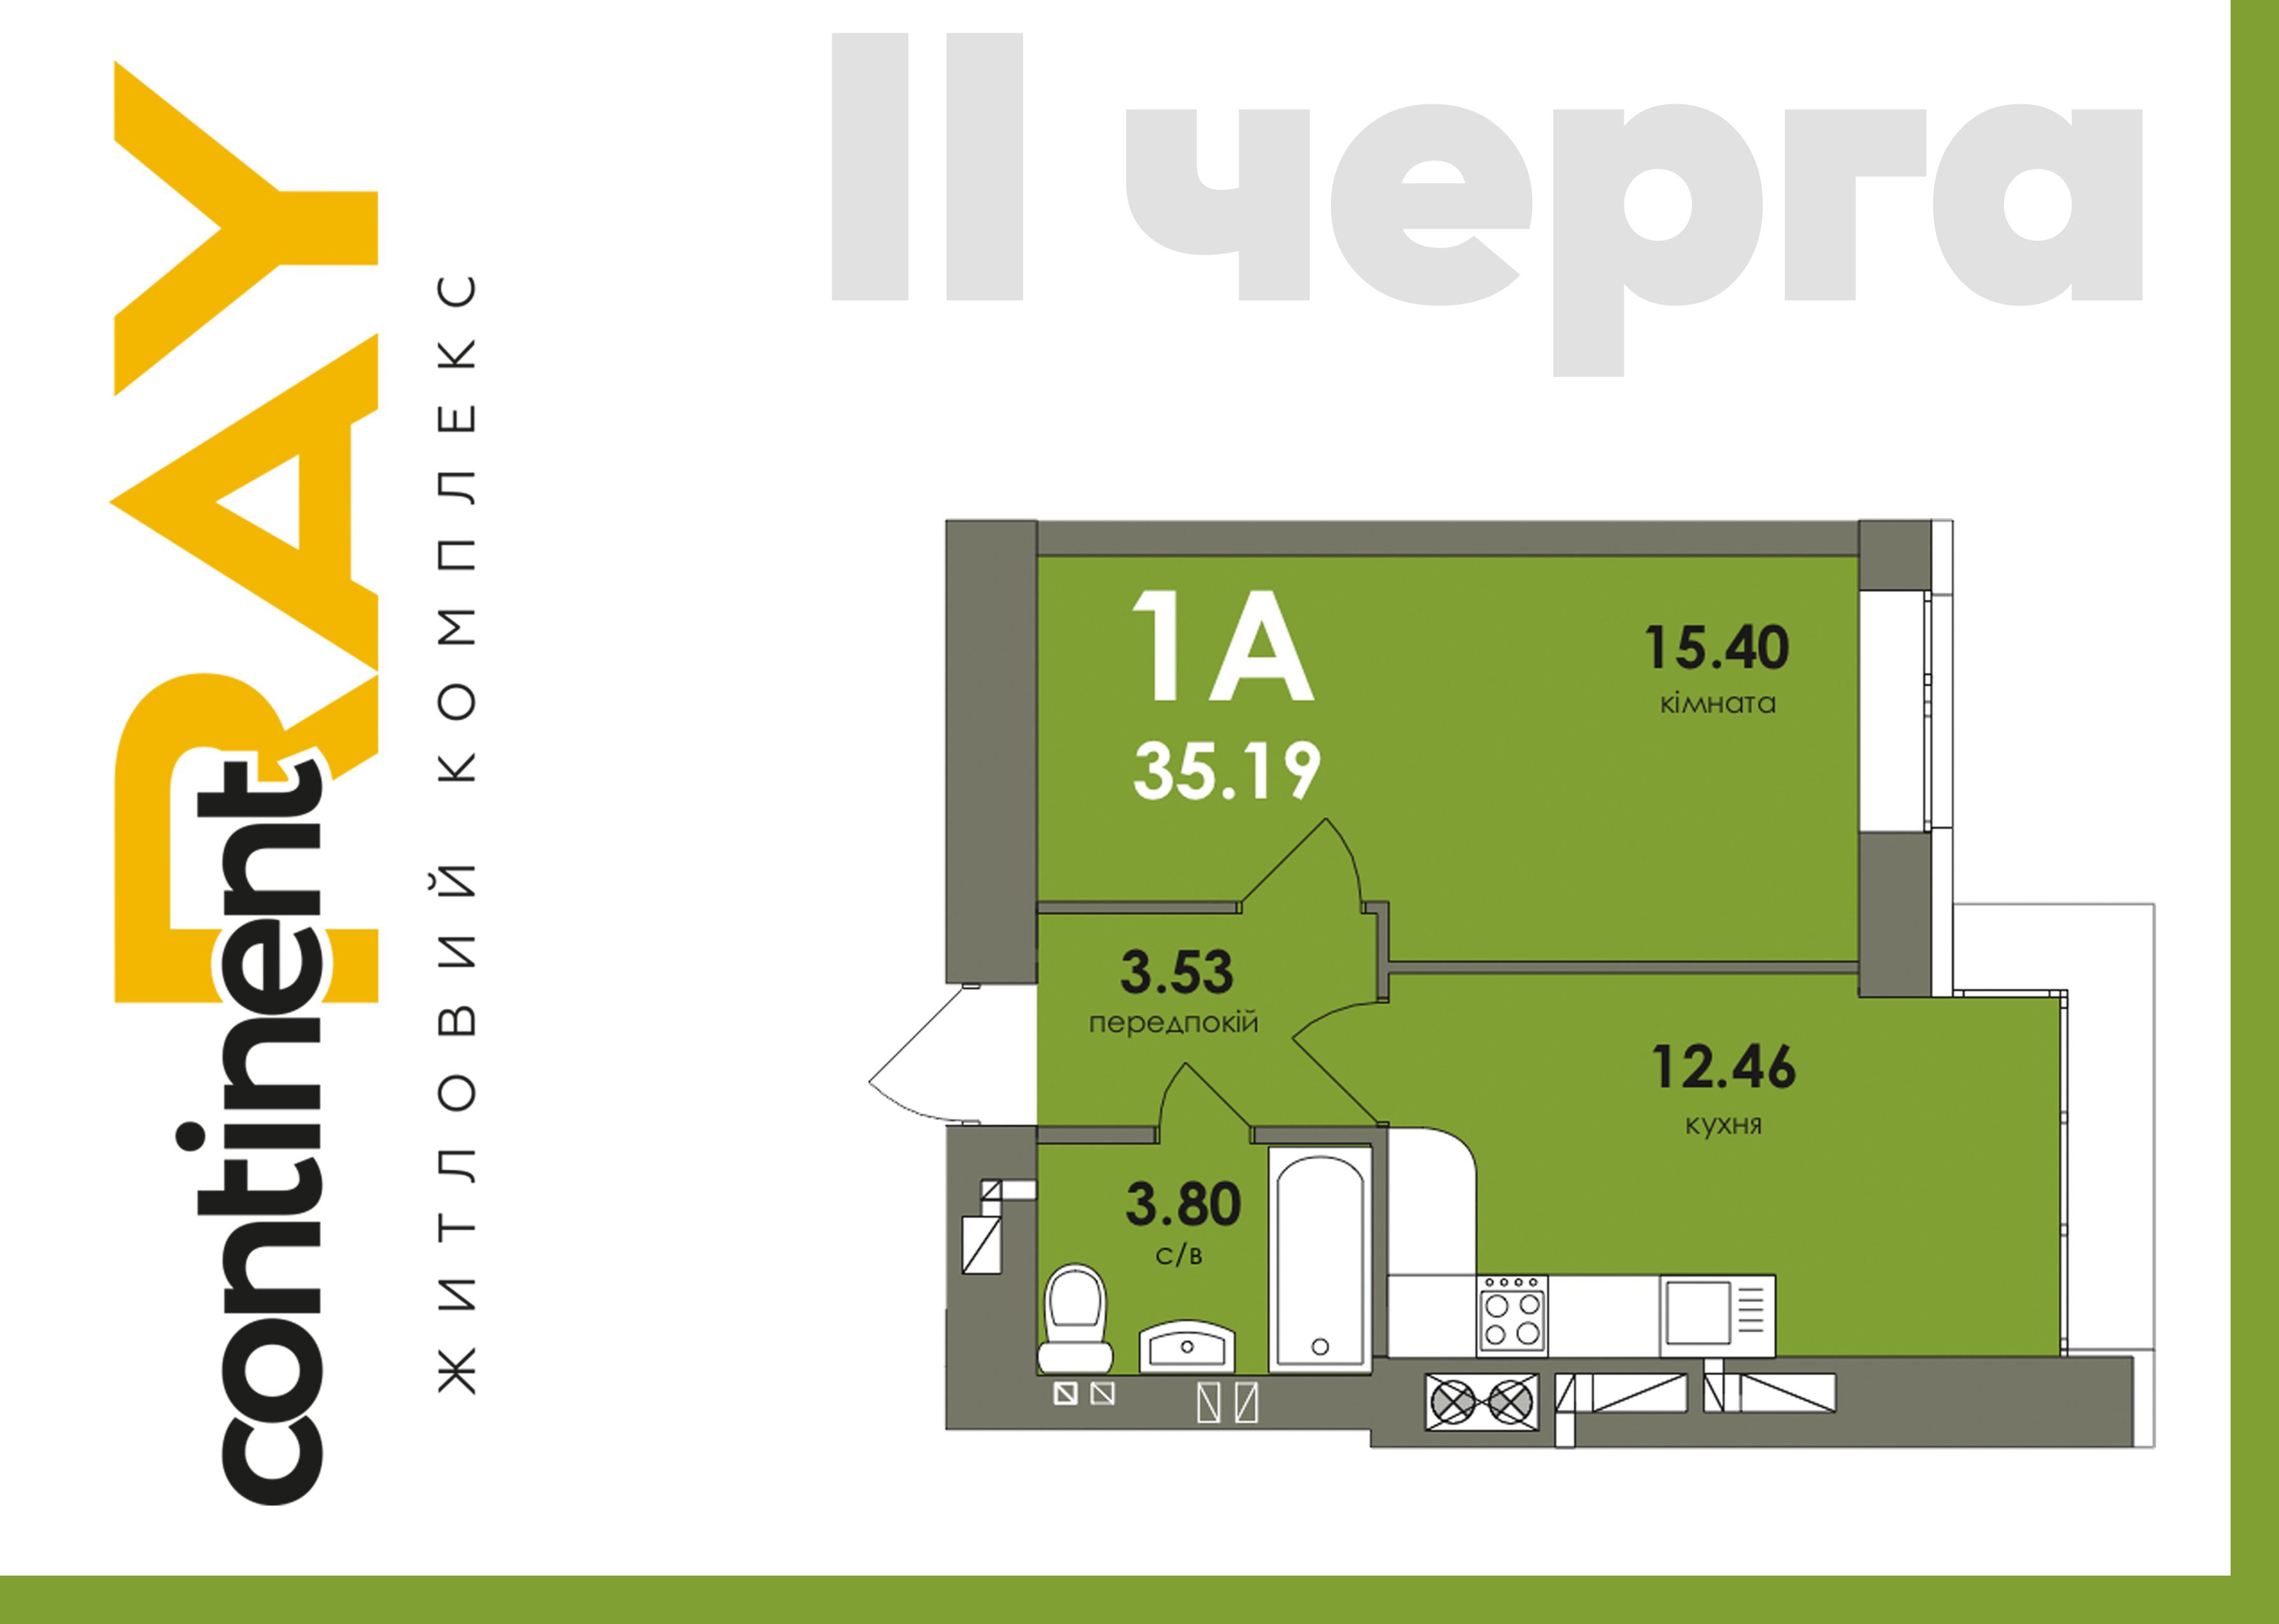 1-кімн. кв 1А 35.19 м²